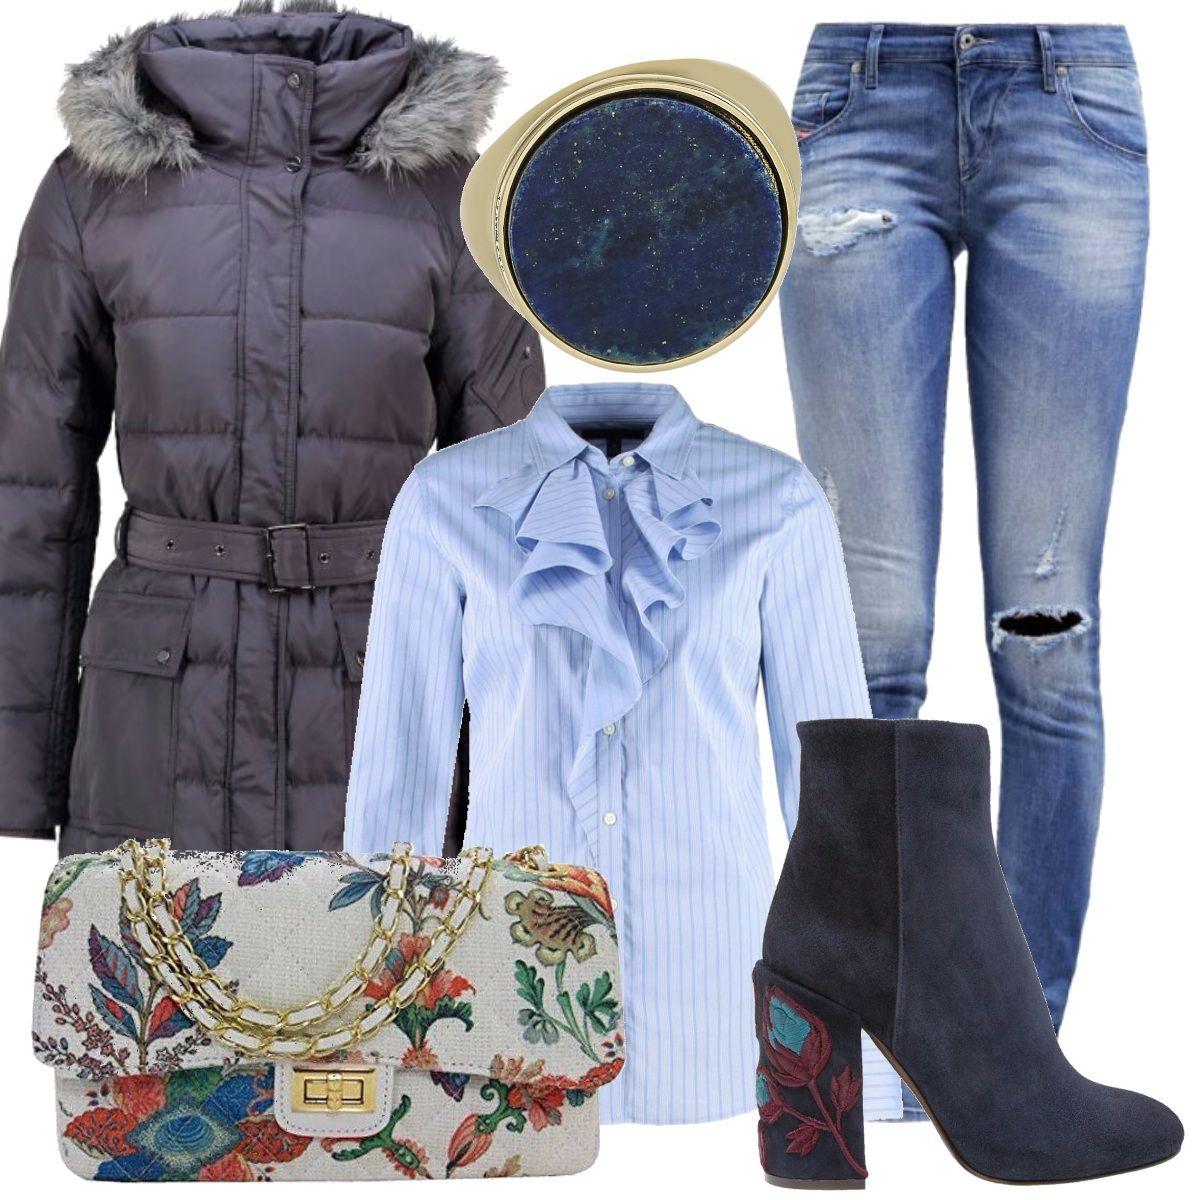 Un outfit molto curato per i suoi particolari  piumino blu navy ... 5275b9559065